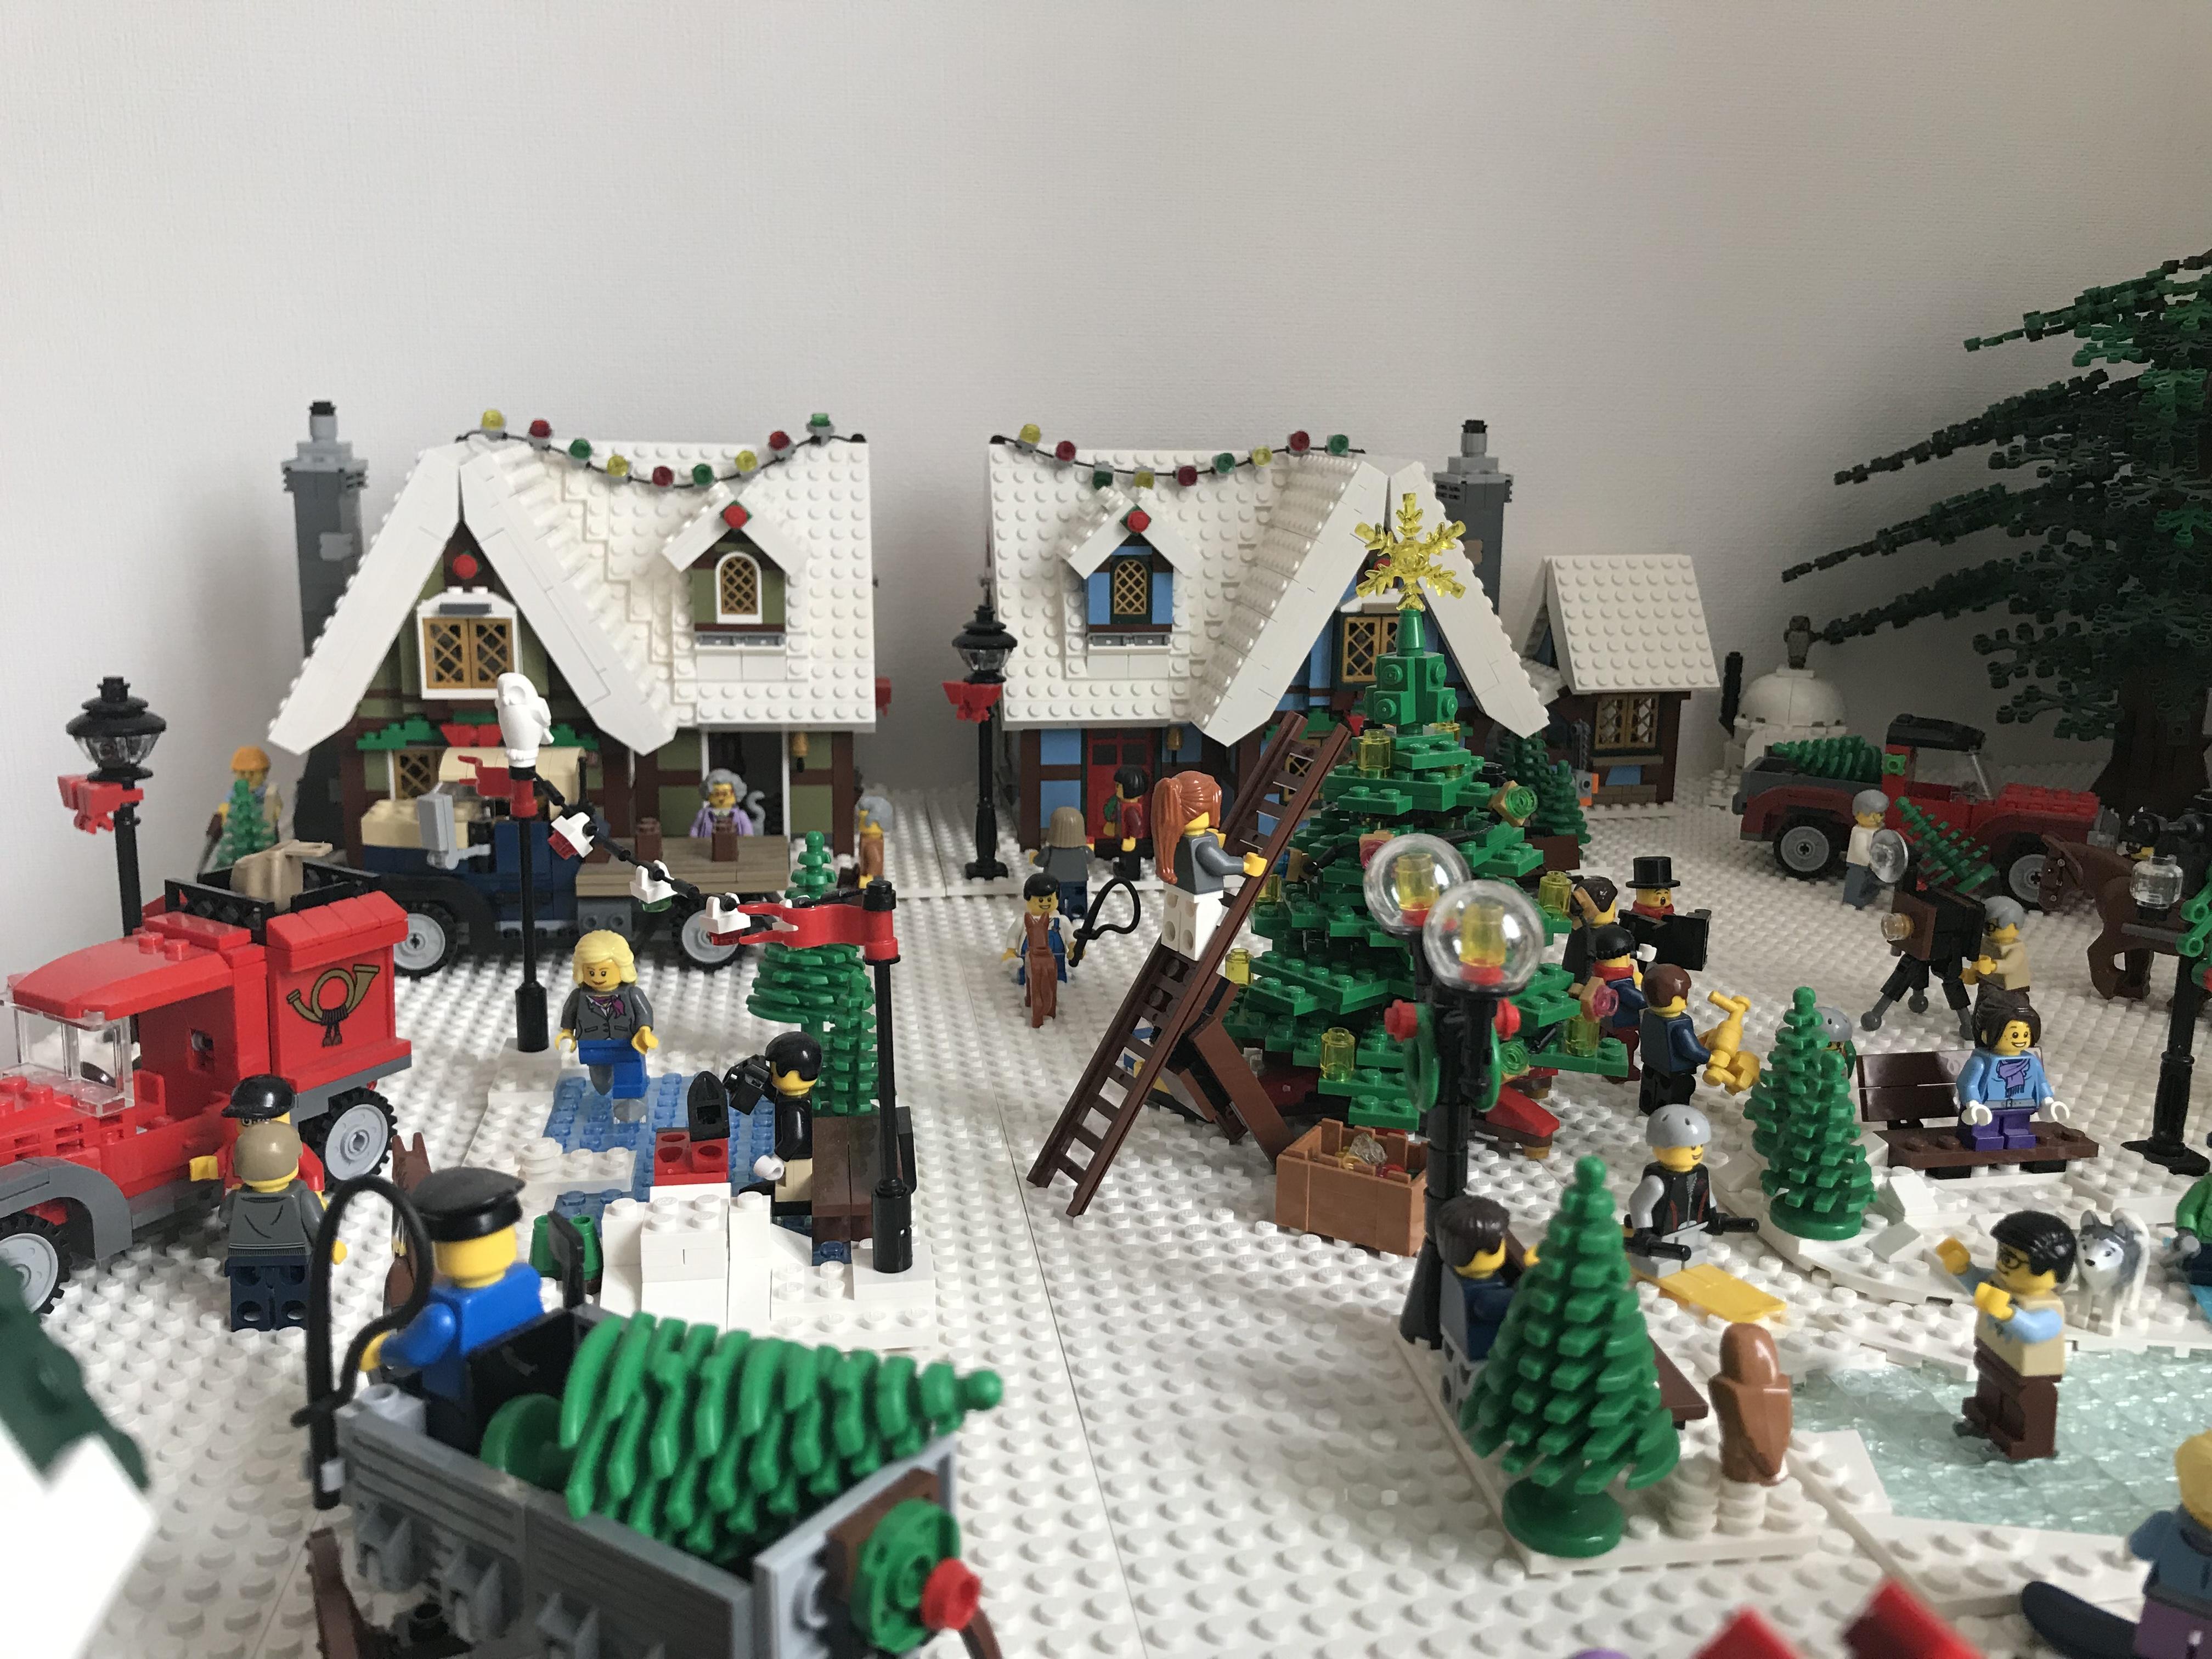 Lego Christmas Set 2019.Our 2019 Lego Winter Village Diorama Lego Town